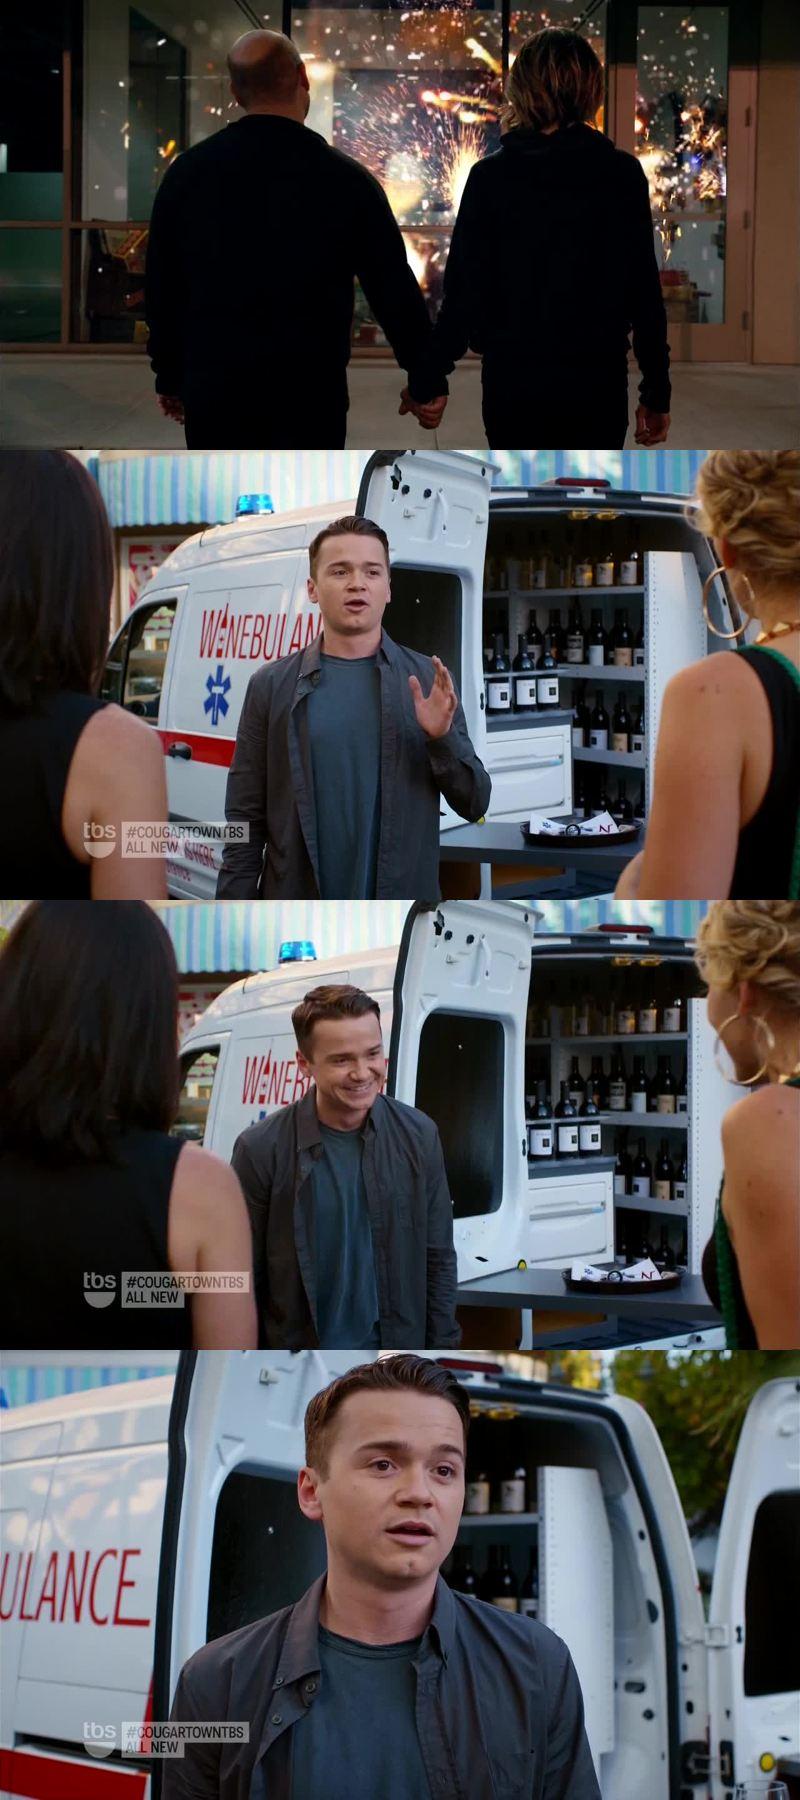 J'ai bien aimé la relation du couple Ellie/Andy dans cet épisode. Sinon, la Vin-Bulance c'est une bonne idée ! Lol